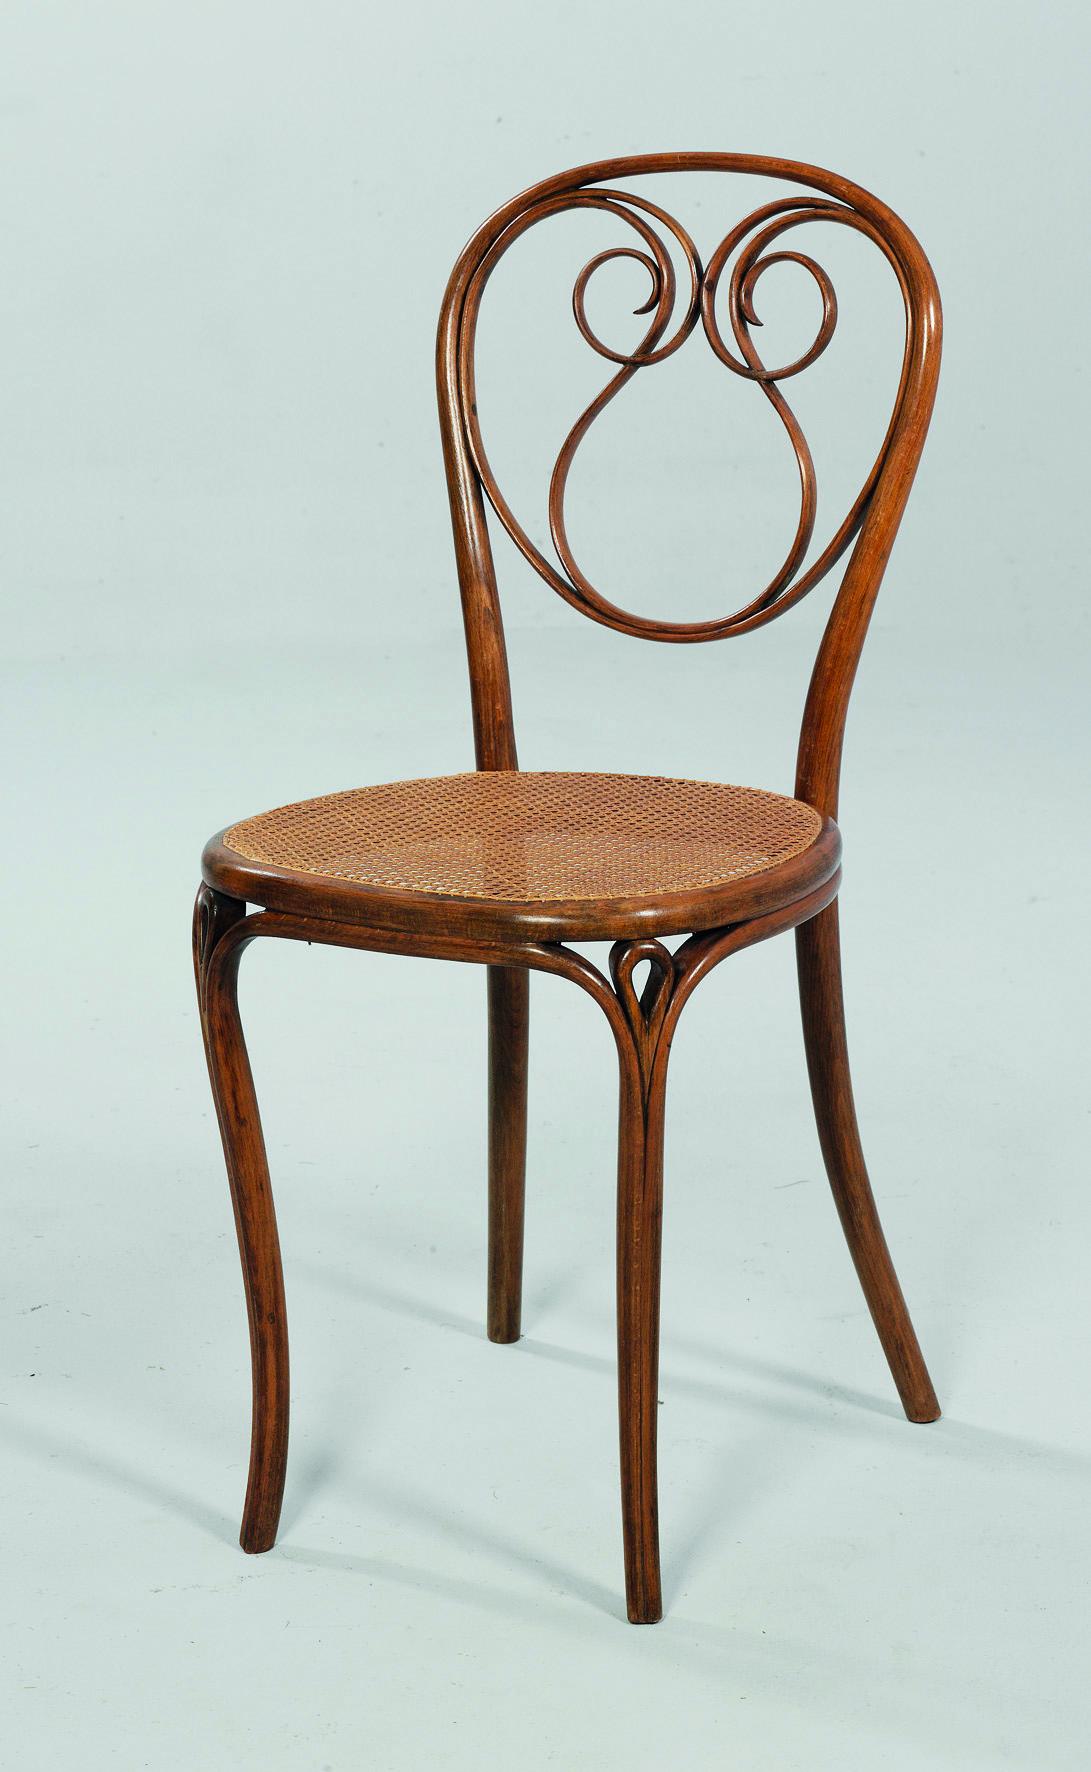 design auktion kreative ausbr che alte und moderne kunst. Black Bedroom Furniture Sets. Home Design Ideas